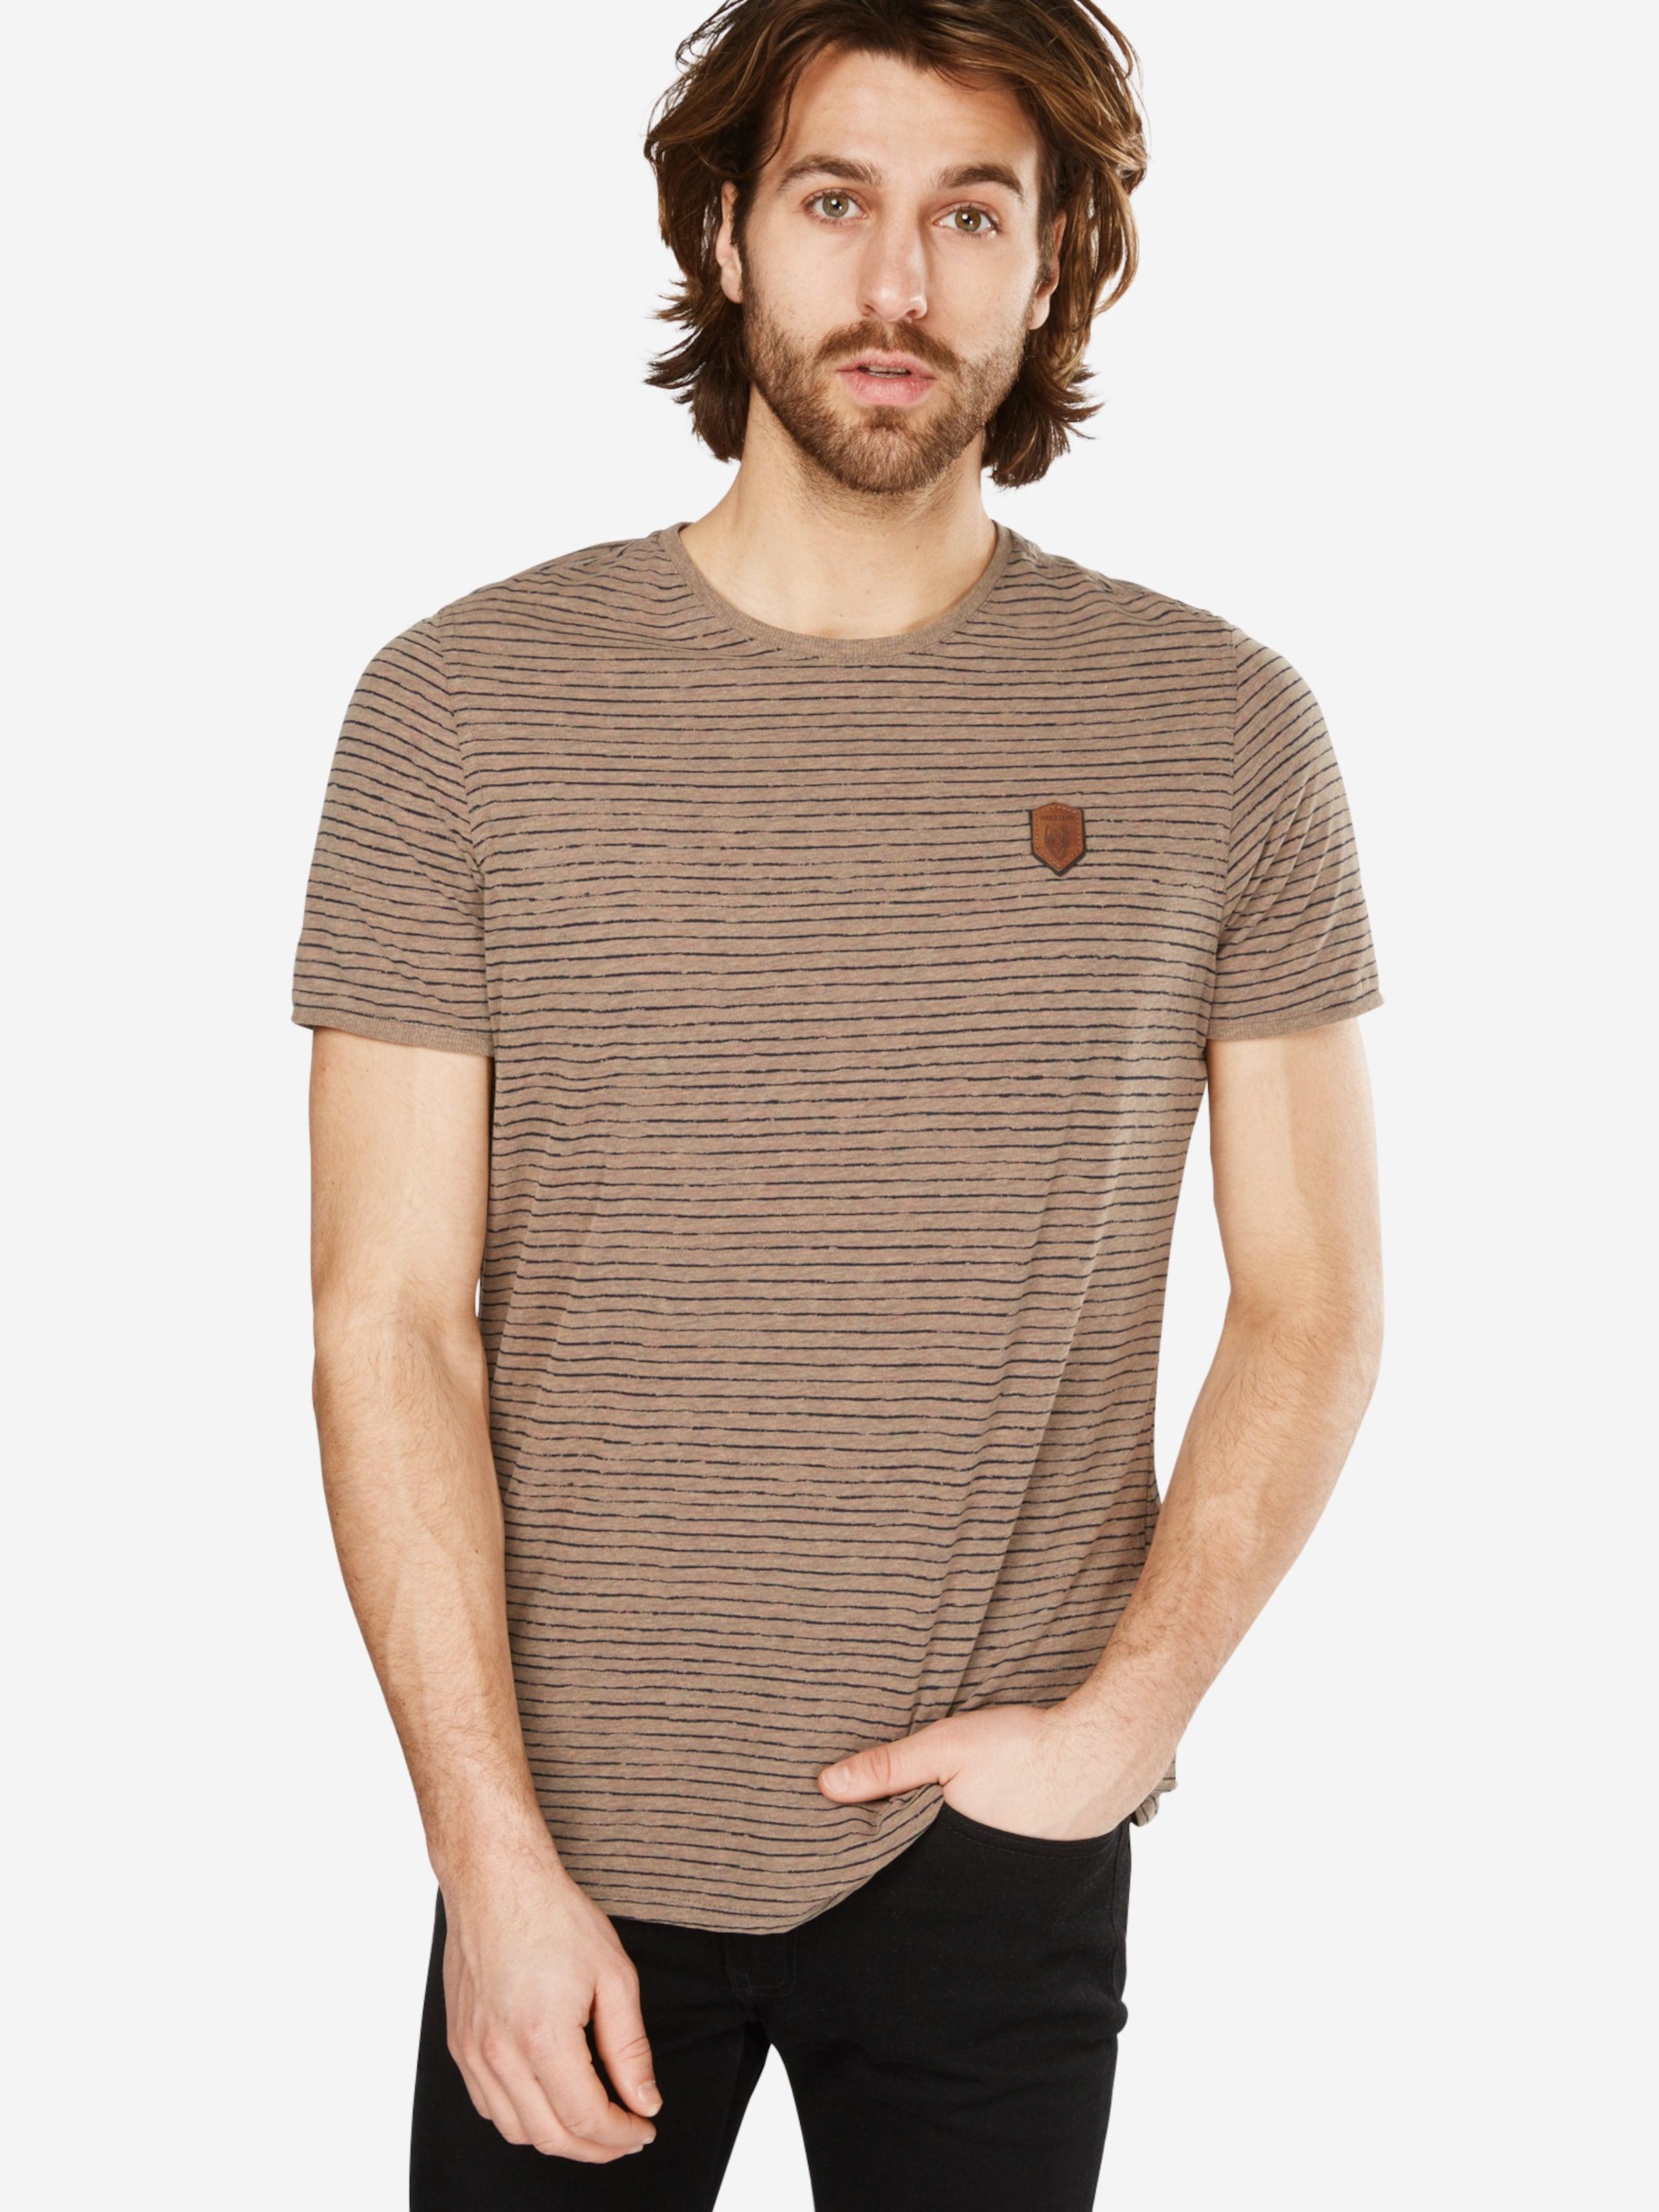 naketano T-Shirt 'Hosenpuper' Rabatt Zahlen Mit Paypal Mit Visum Zahlen Zu Verkaufen Preis Znh7GrAHt